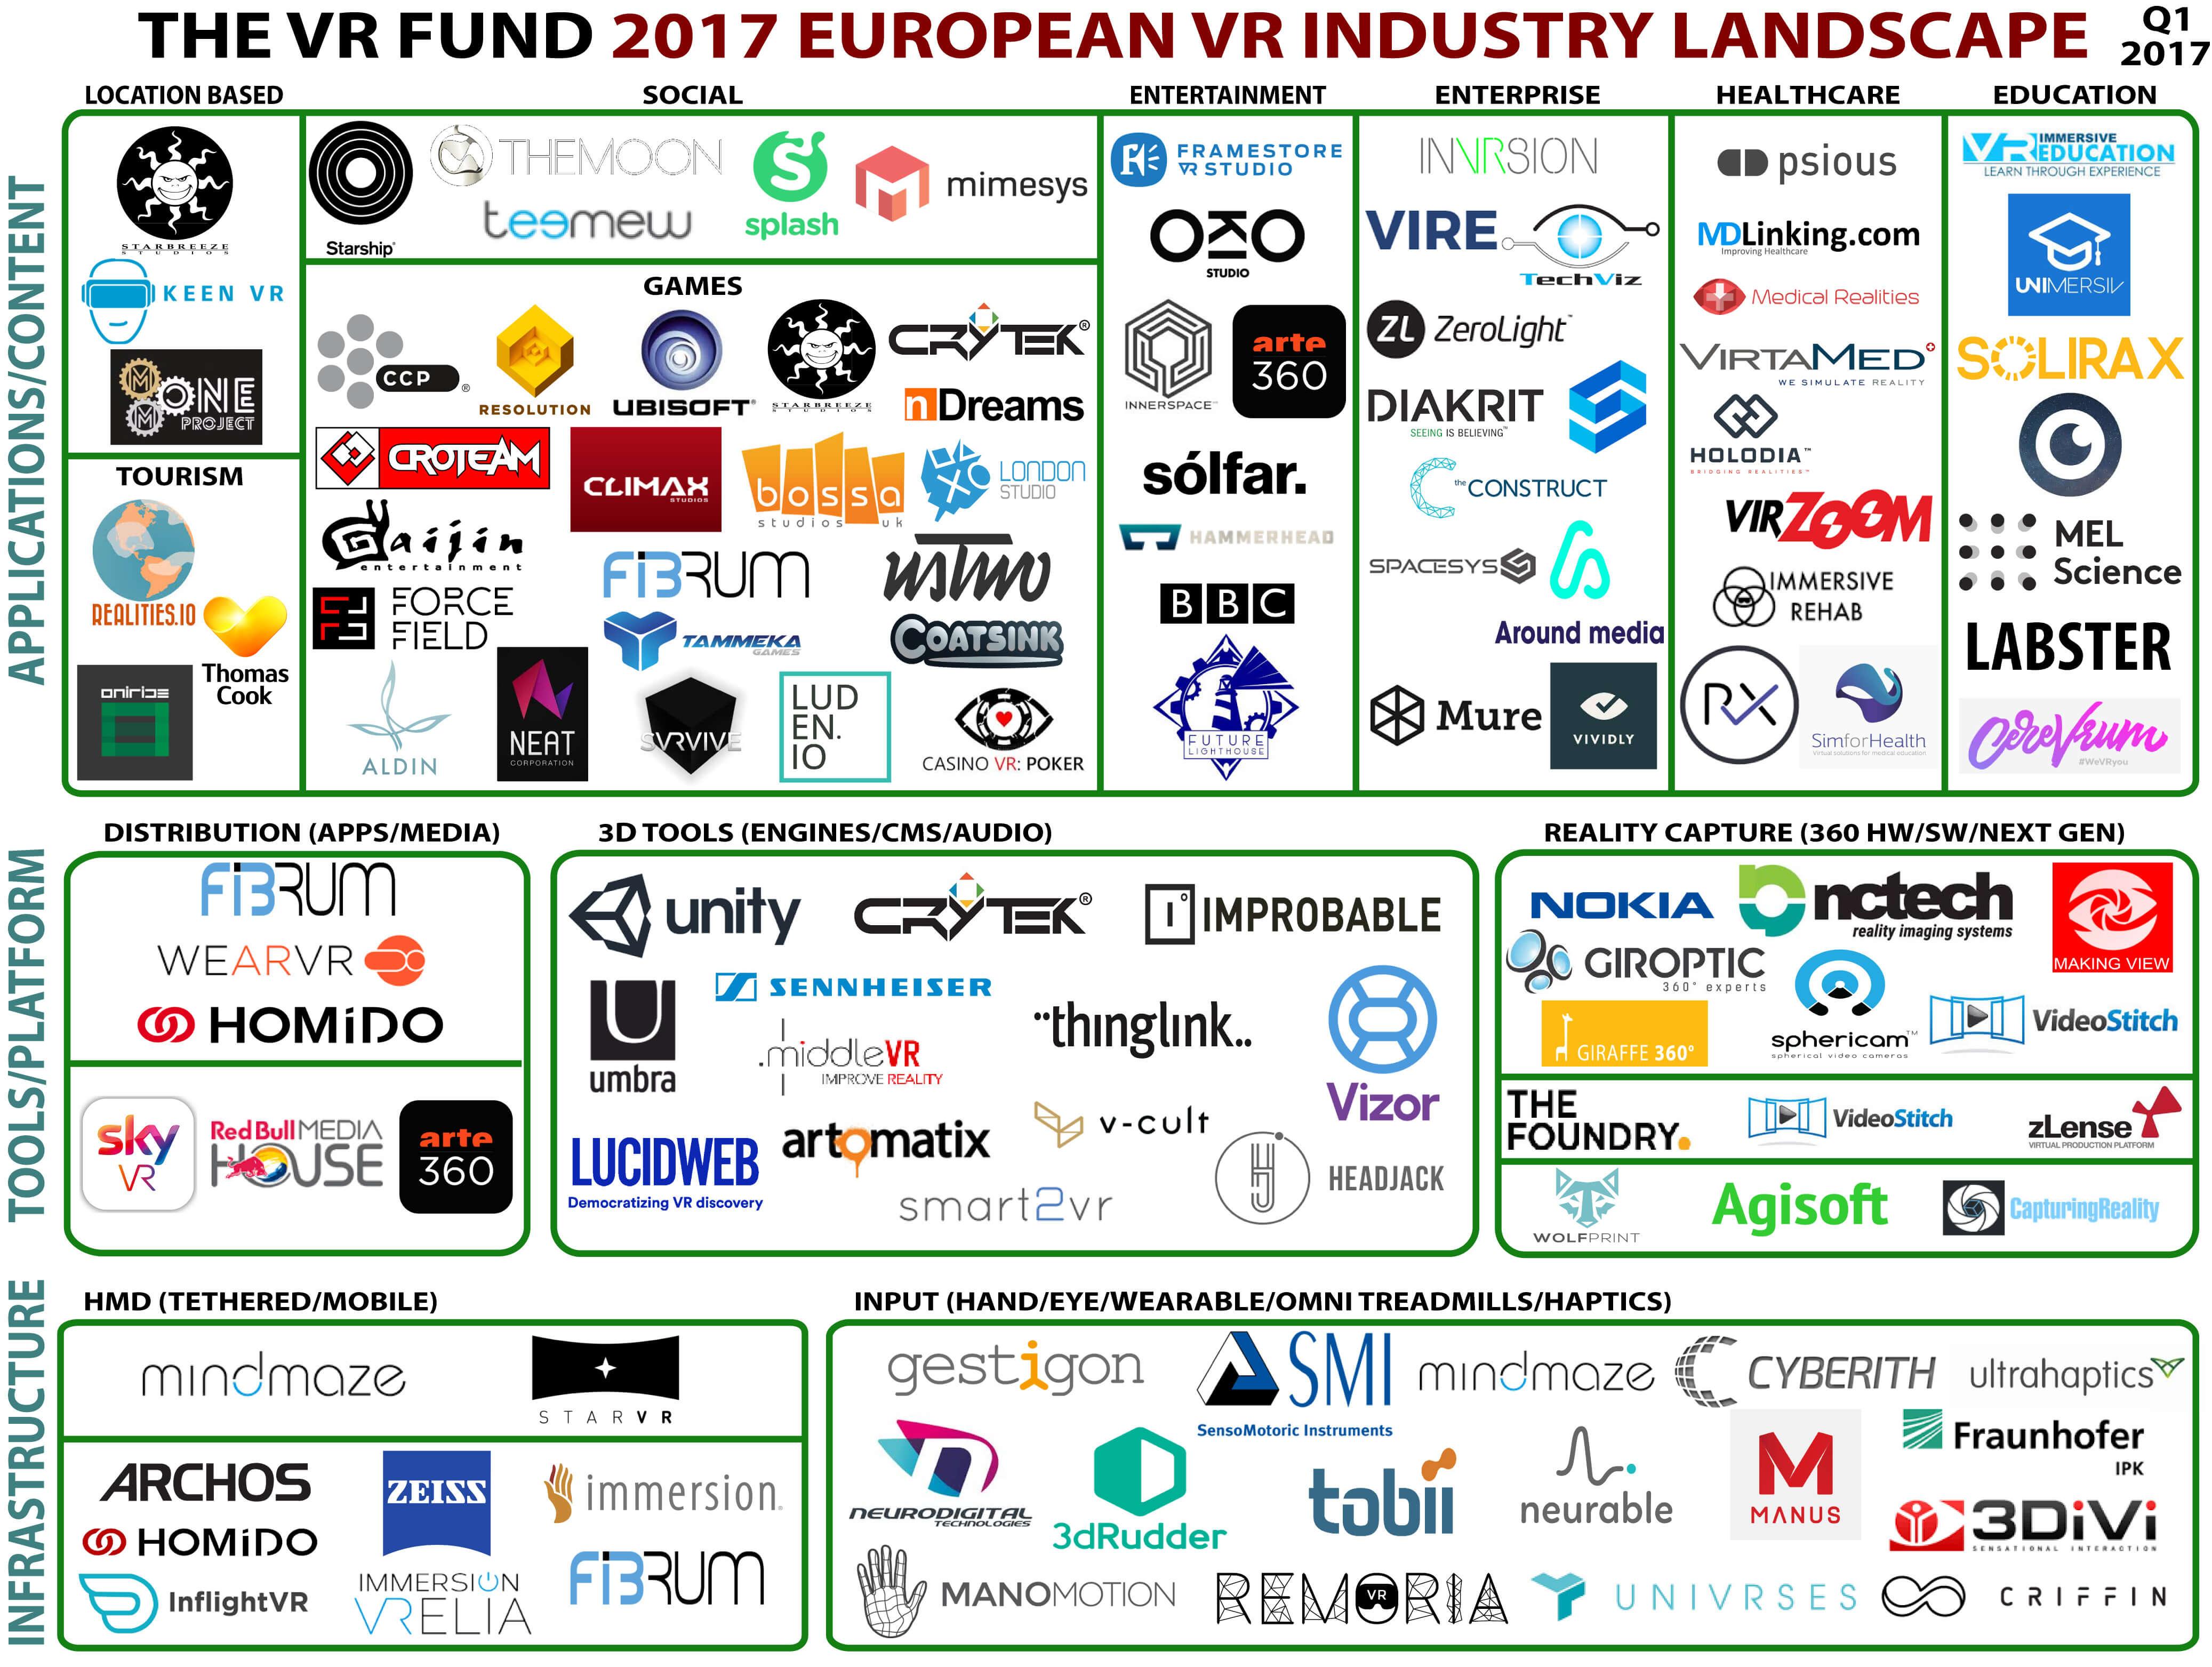 VR Landscape Europe